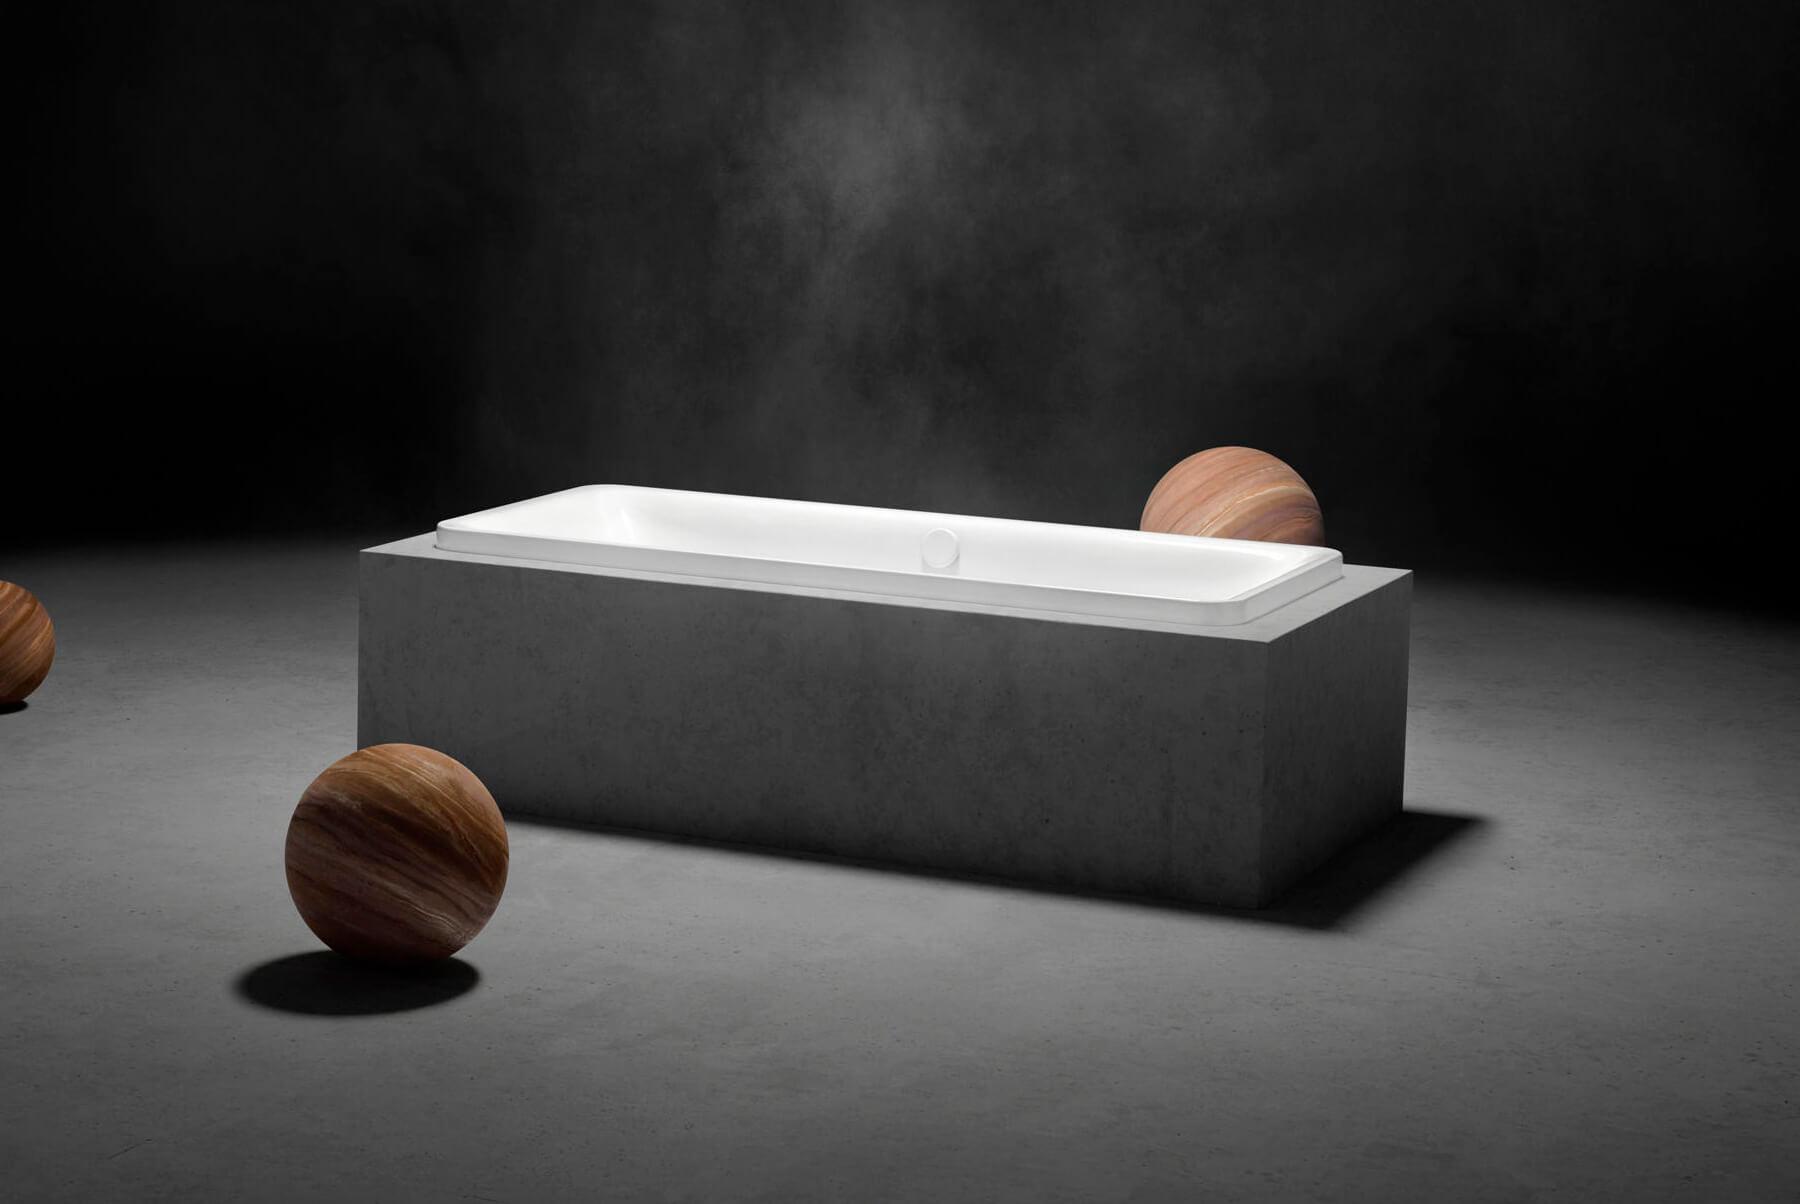 Bath-Tubs--KALDEWEI-INCAVA-3-1800x1204